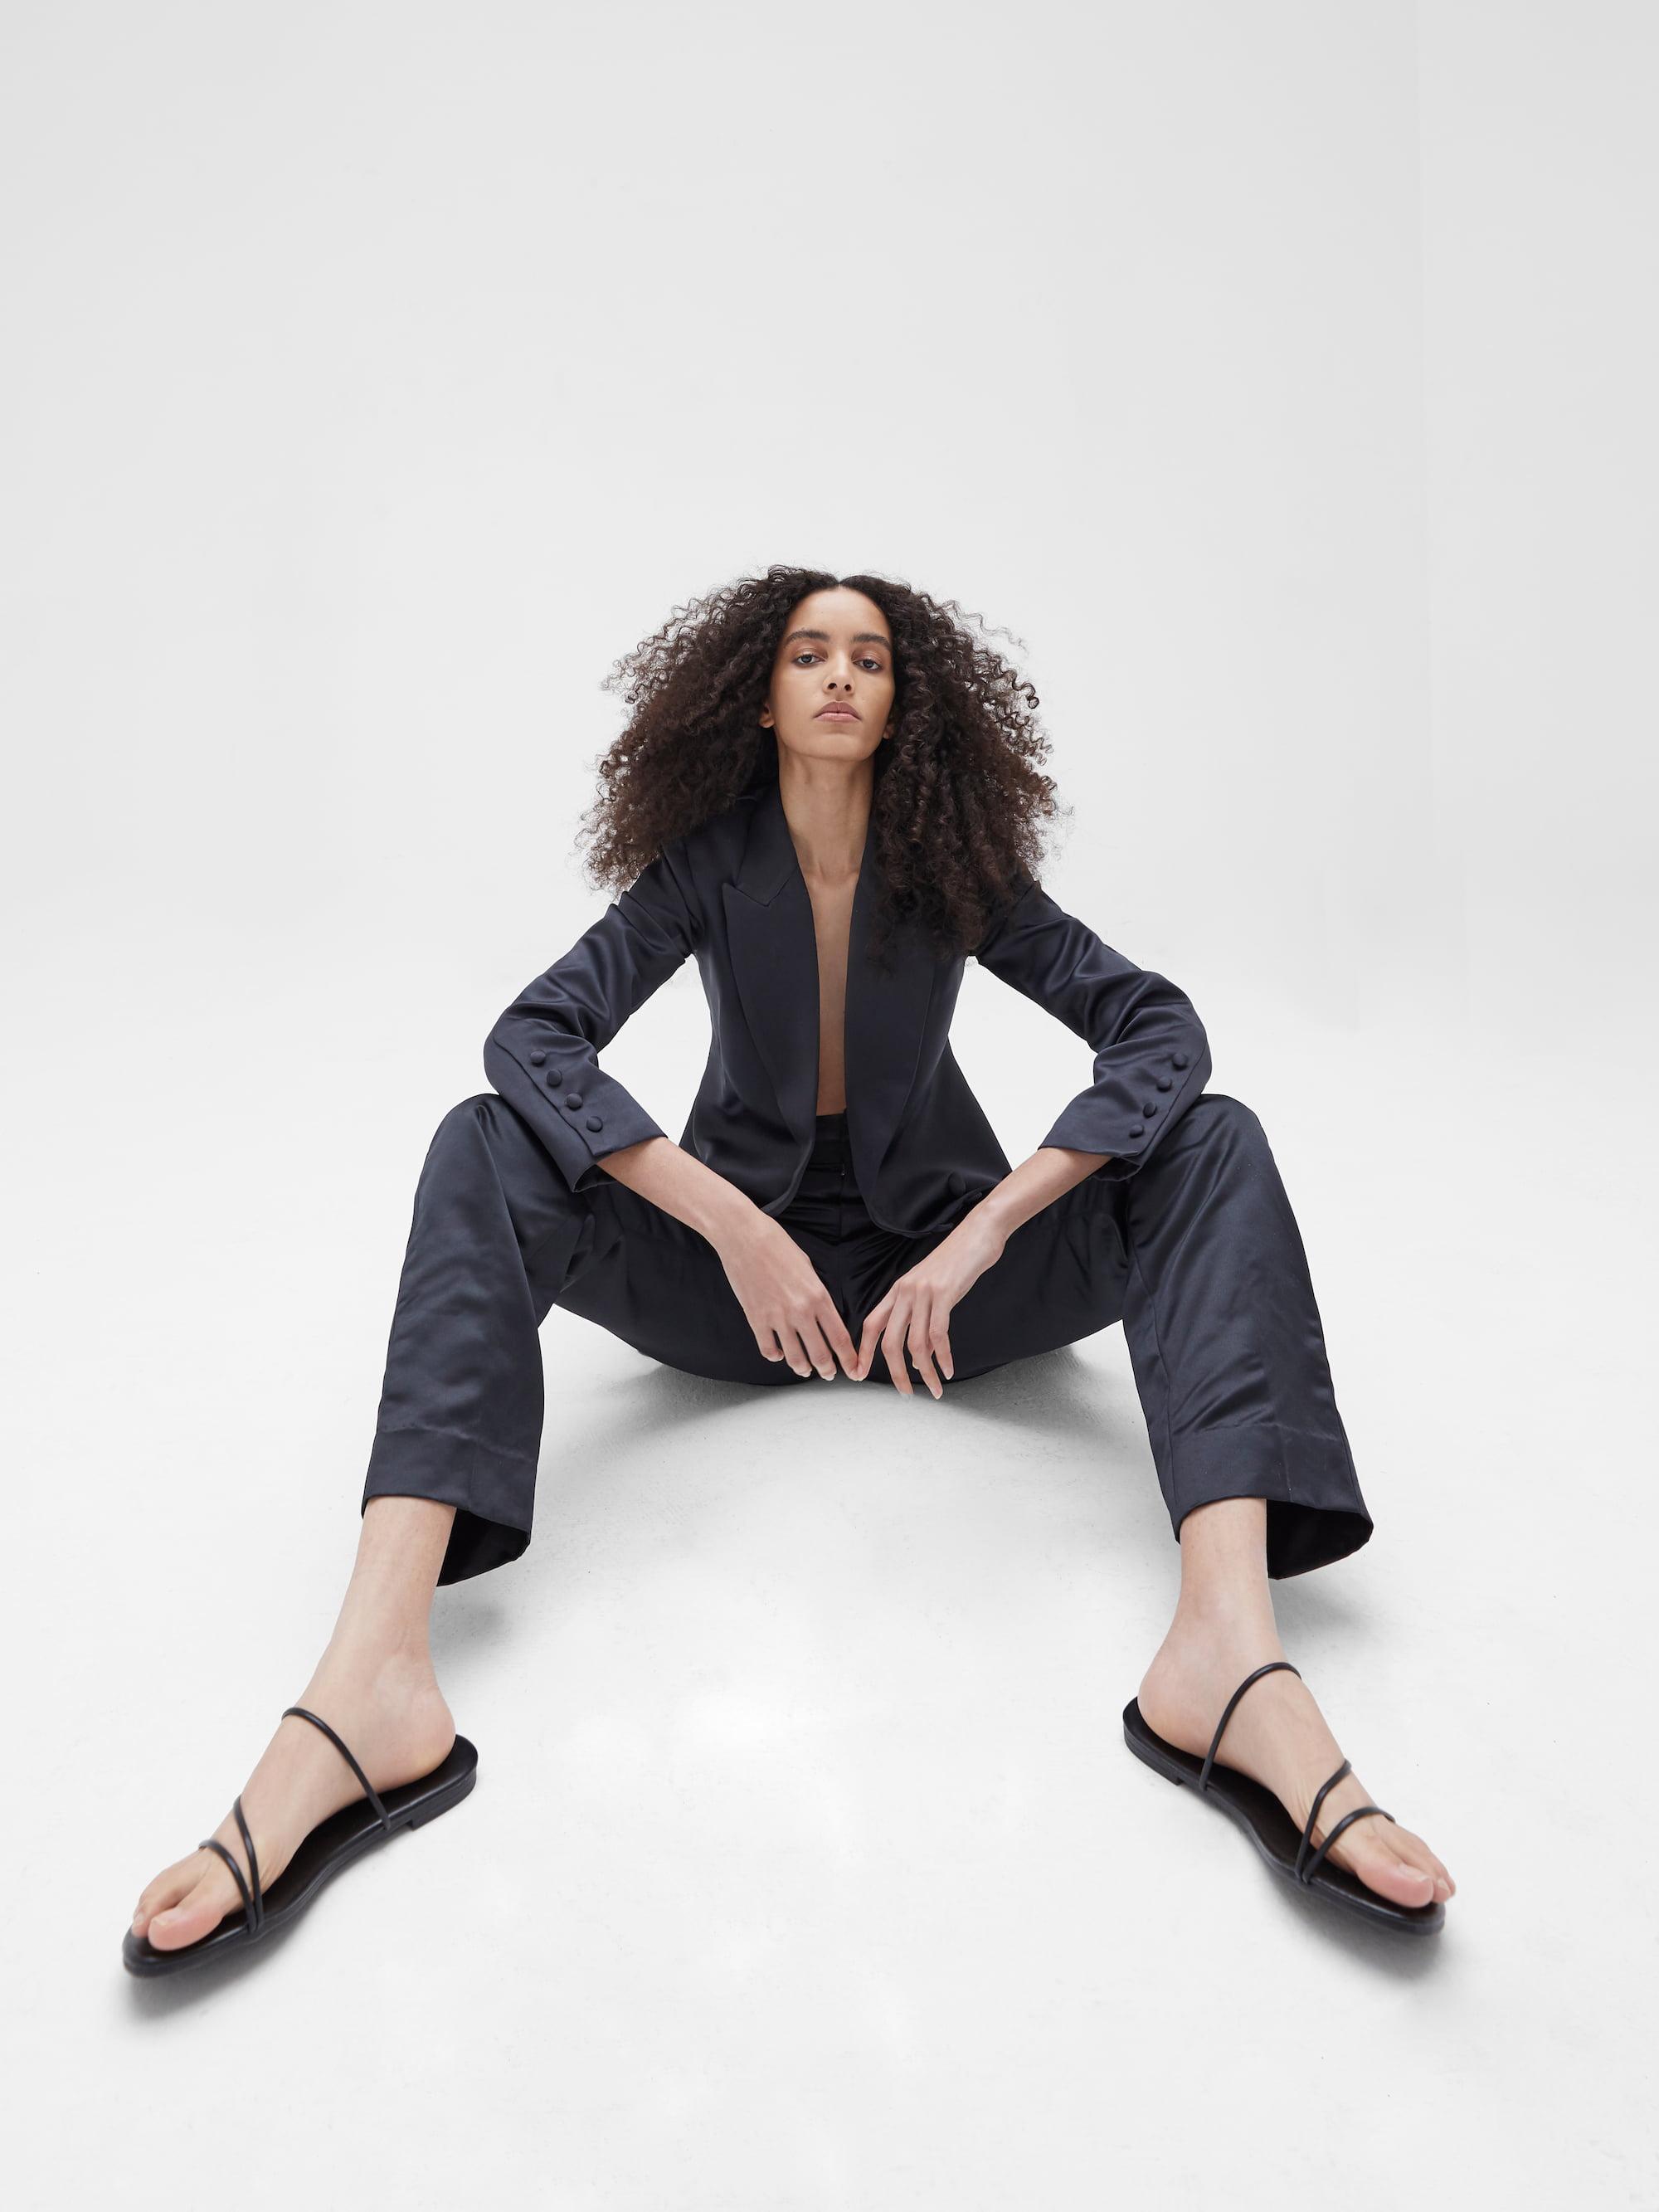 View 5 of model wearing Kamala Blazer in black.